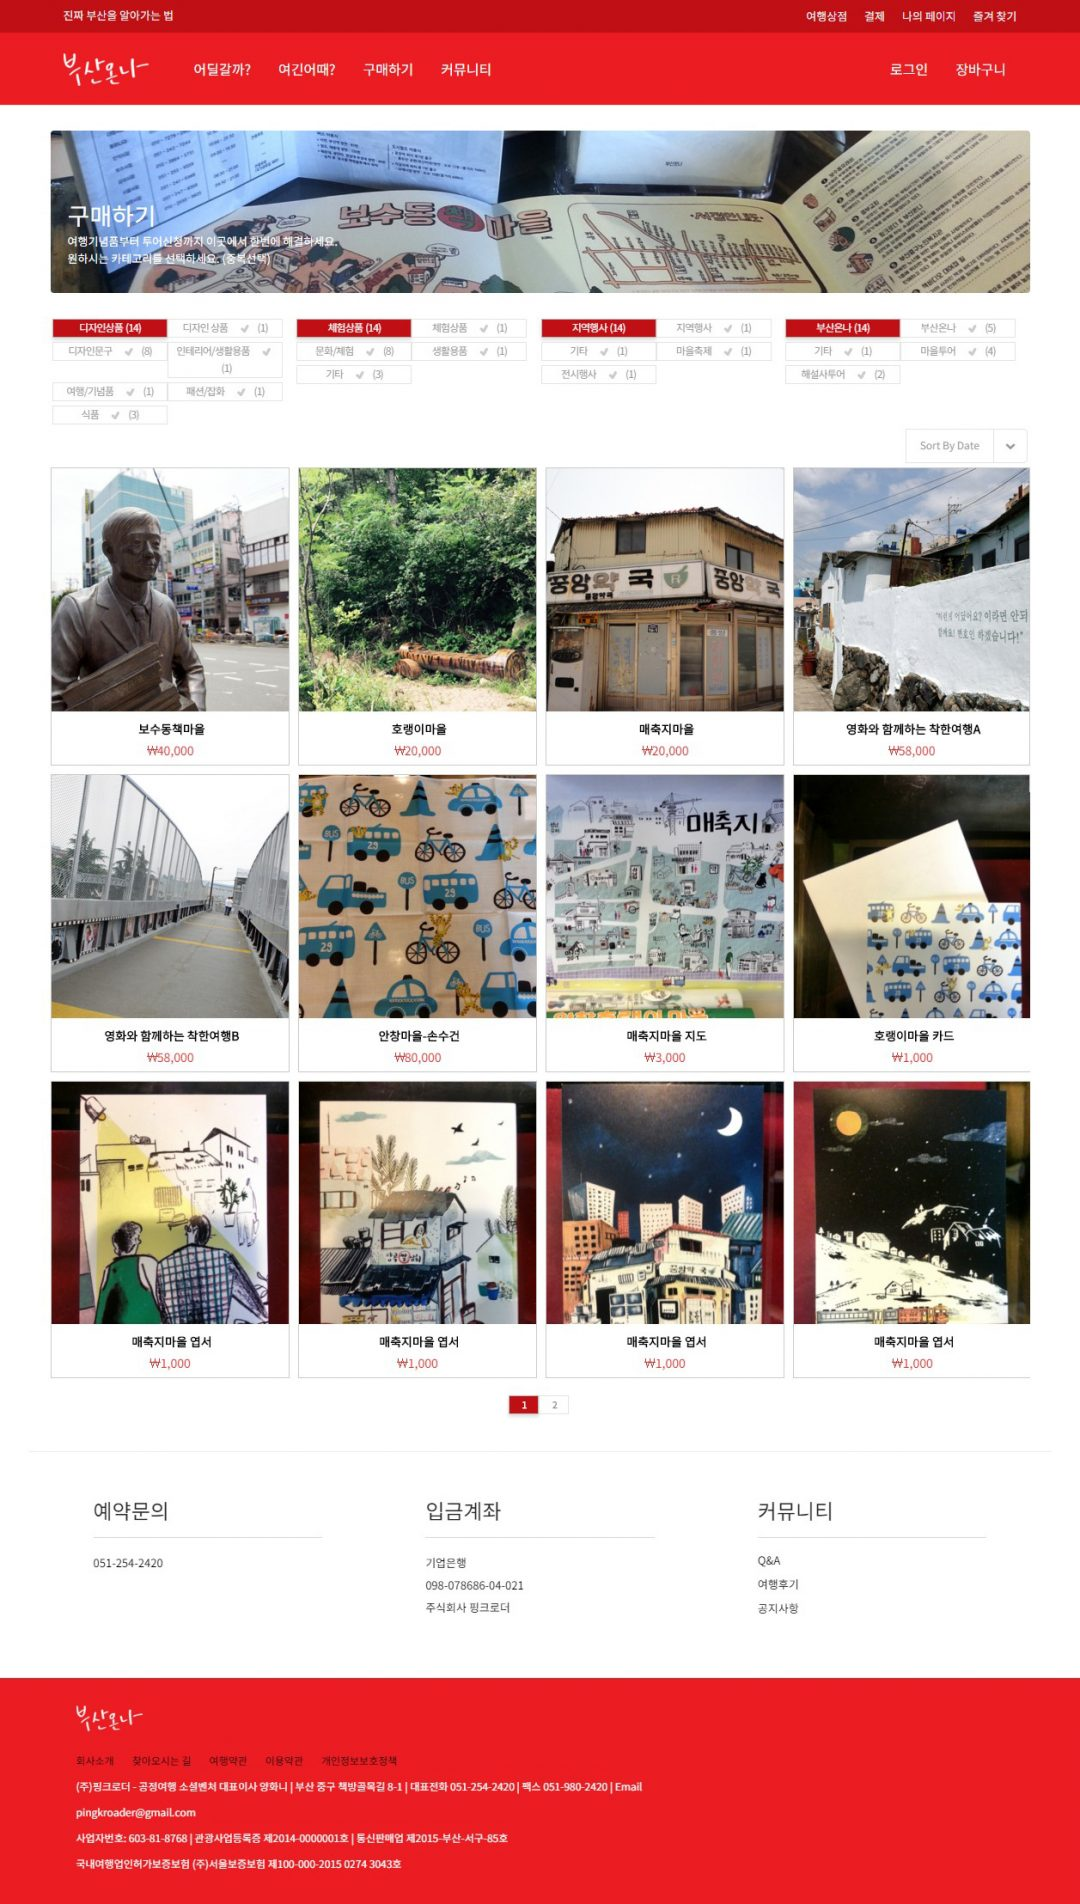 여행예약-기념품 – 워드프레스 쇼핑몰